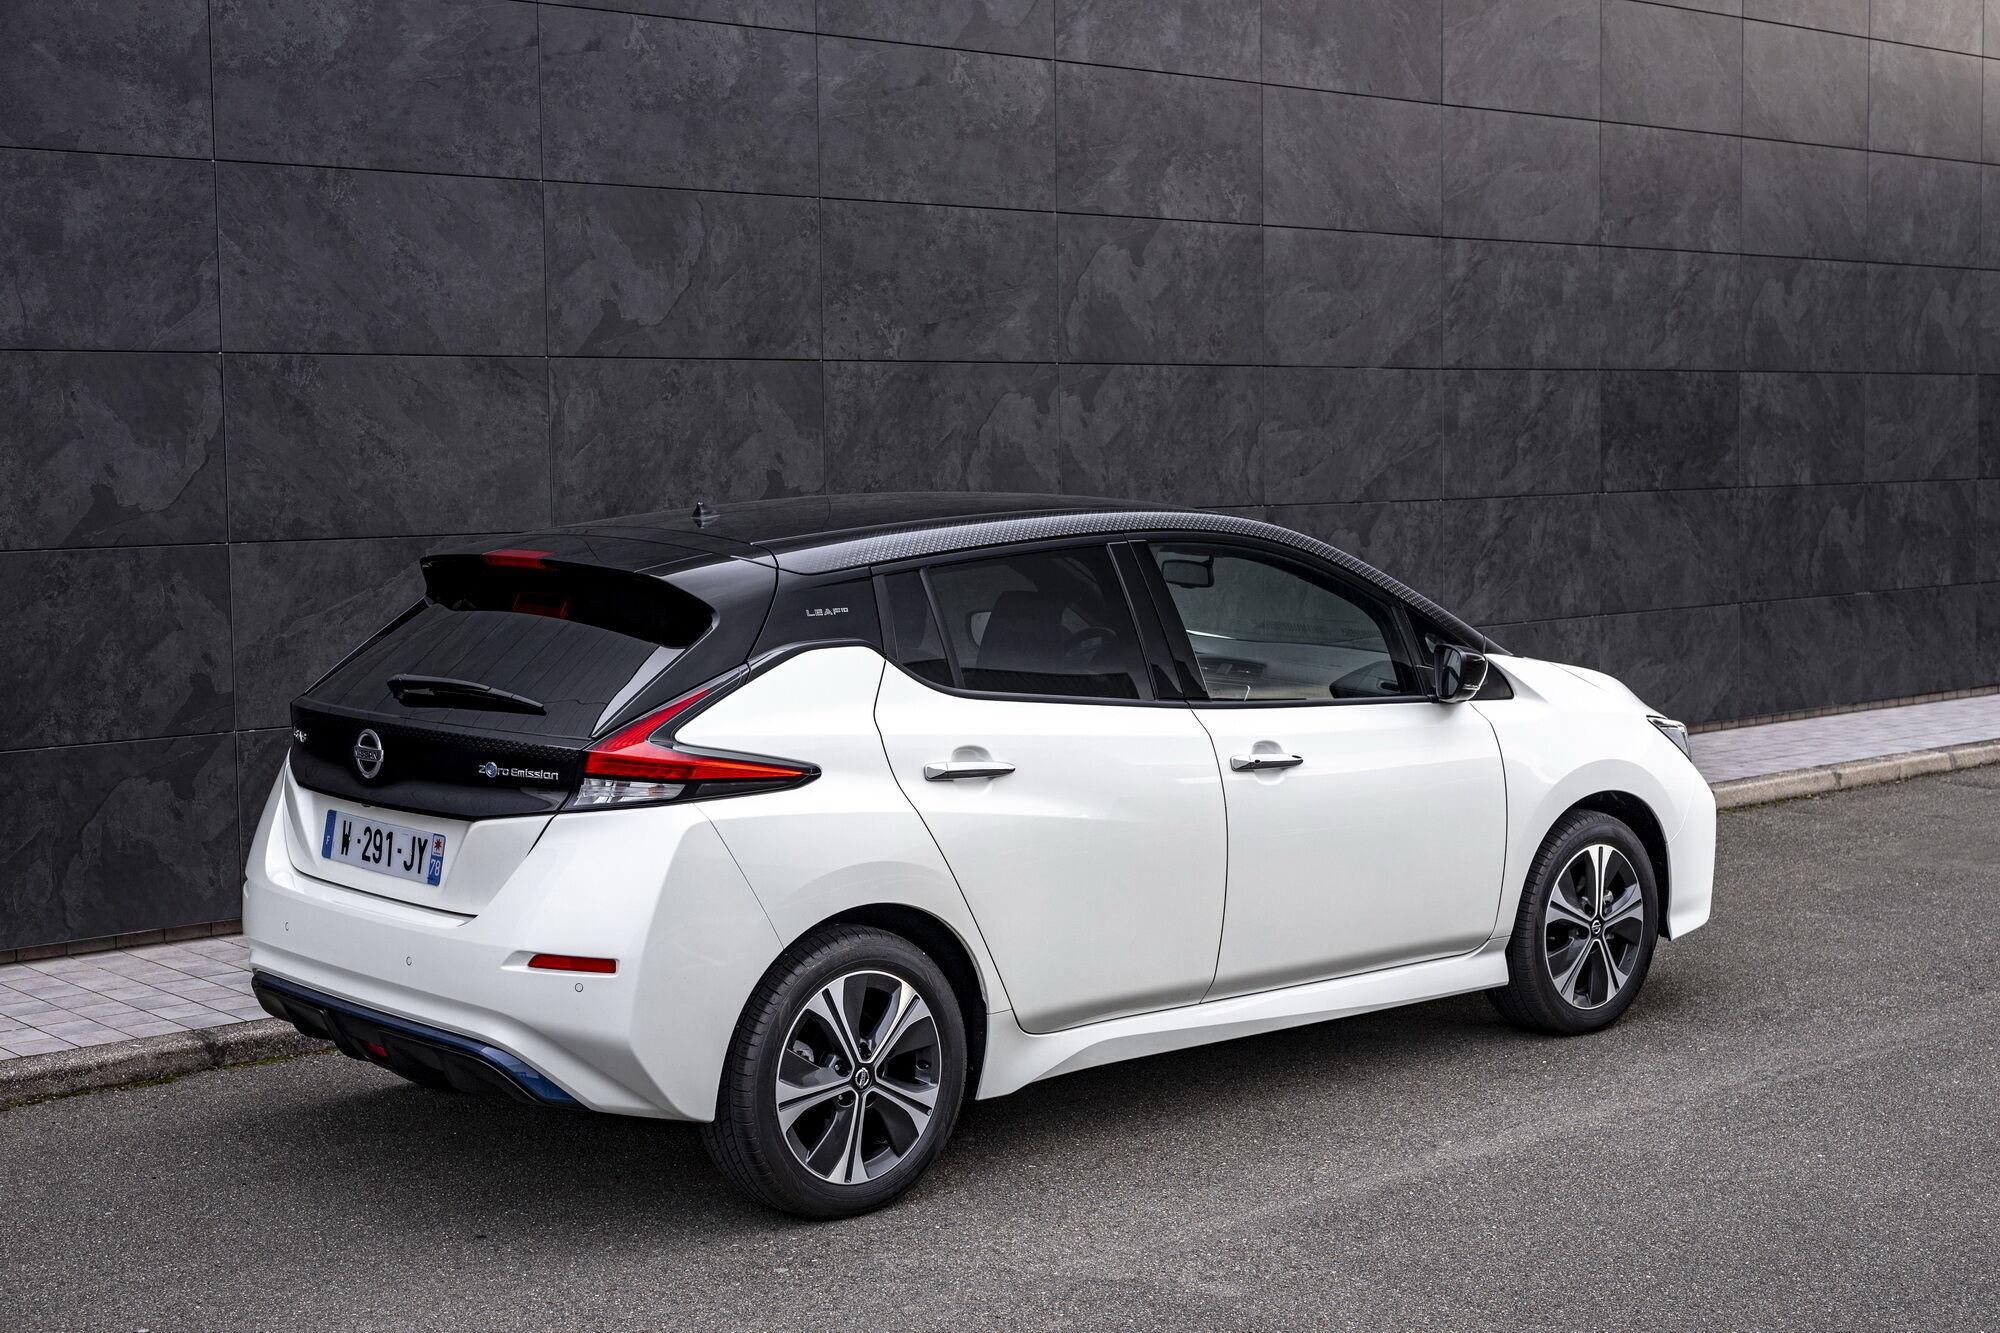 Вартість Nissan Leaf10 у Великобританії стартує з позначки 28820 фунтів (32600 євро)